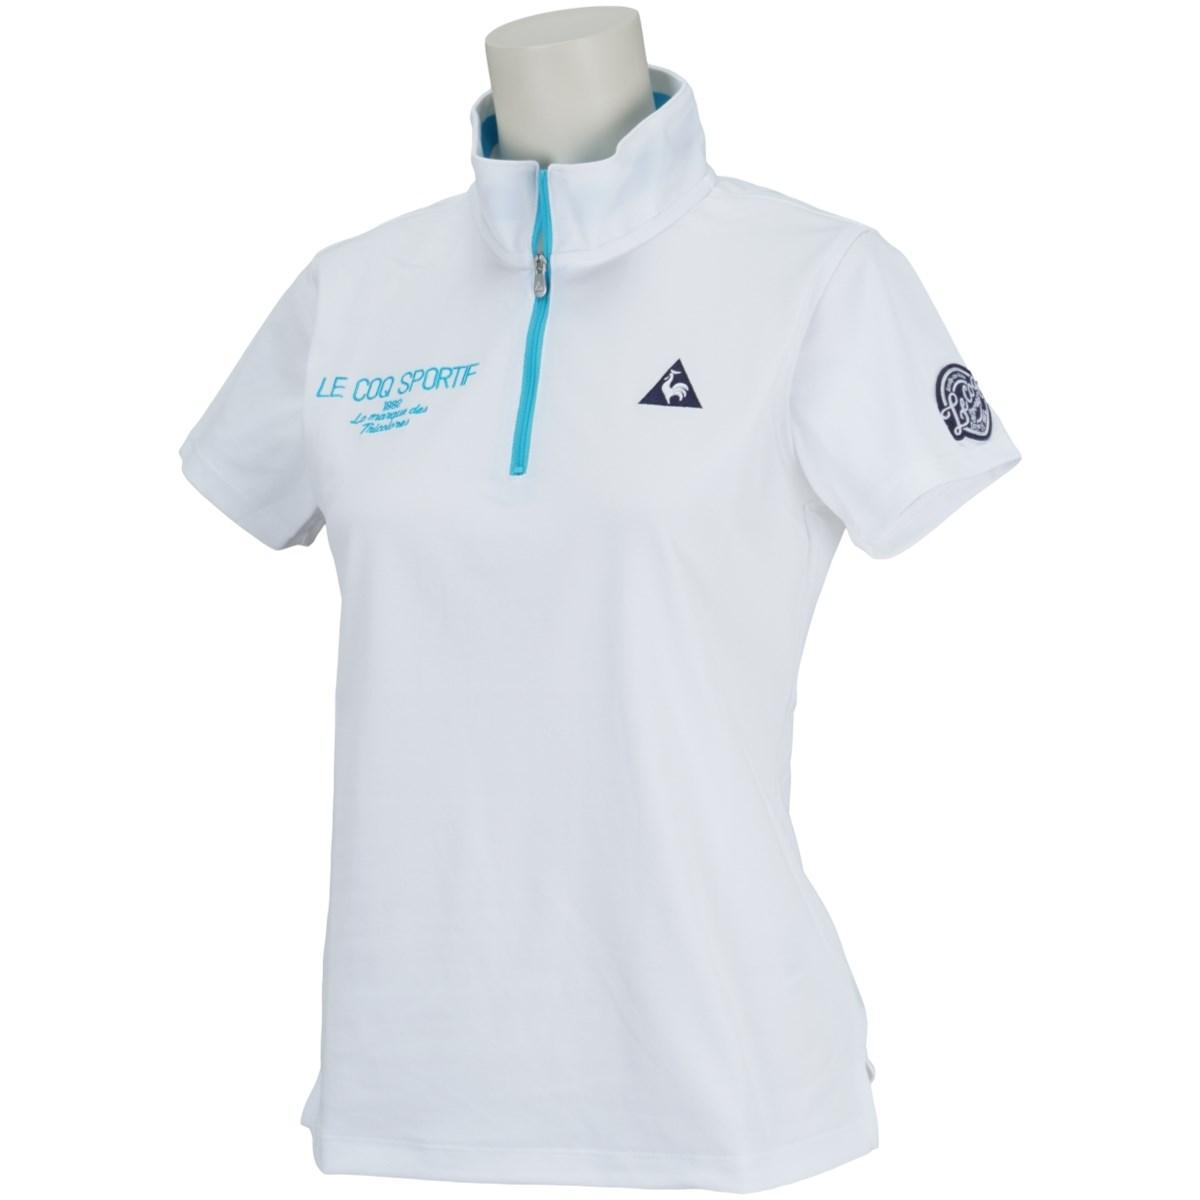 ルコックゴルフ Le coq sportif GOLF ハーフジップスタンドカラー 半袖シャツ S ホワイト 00 レディス